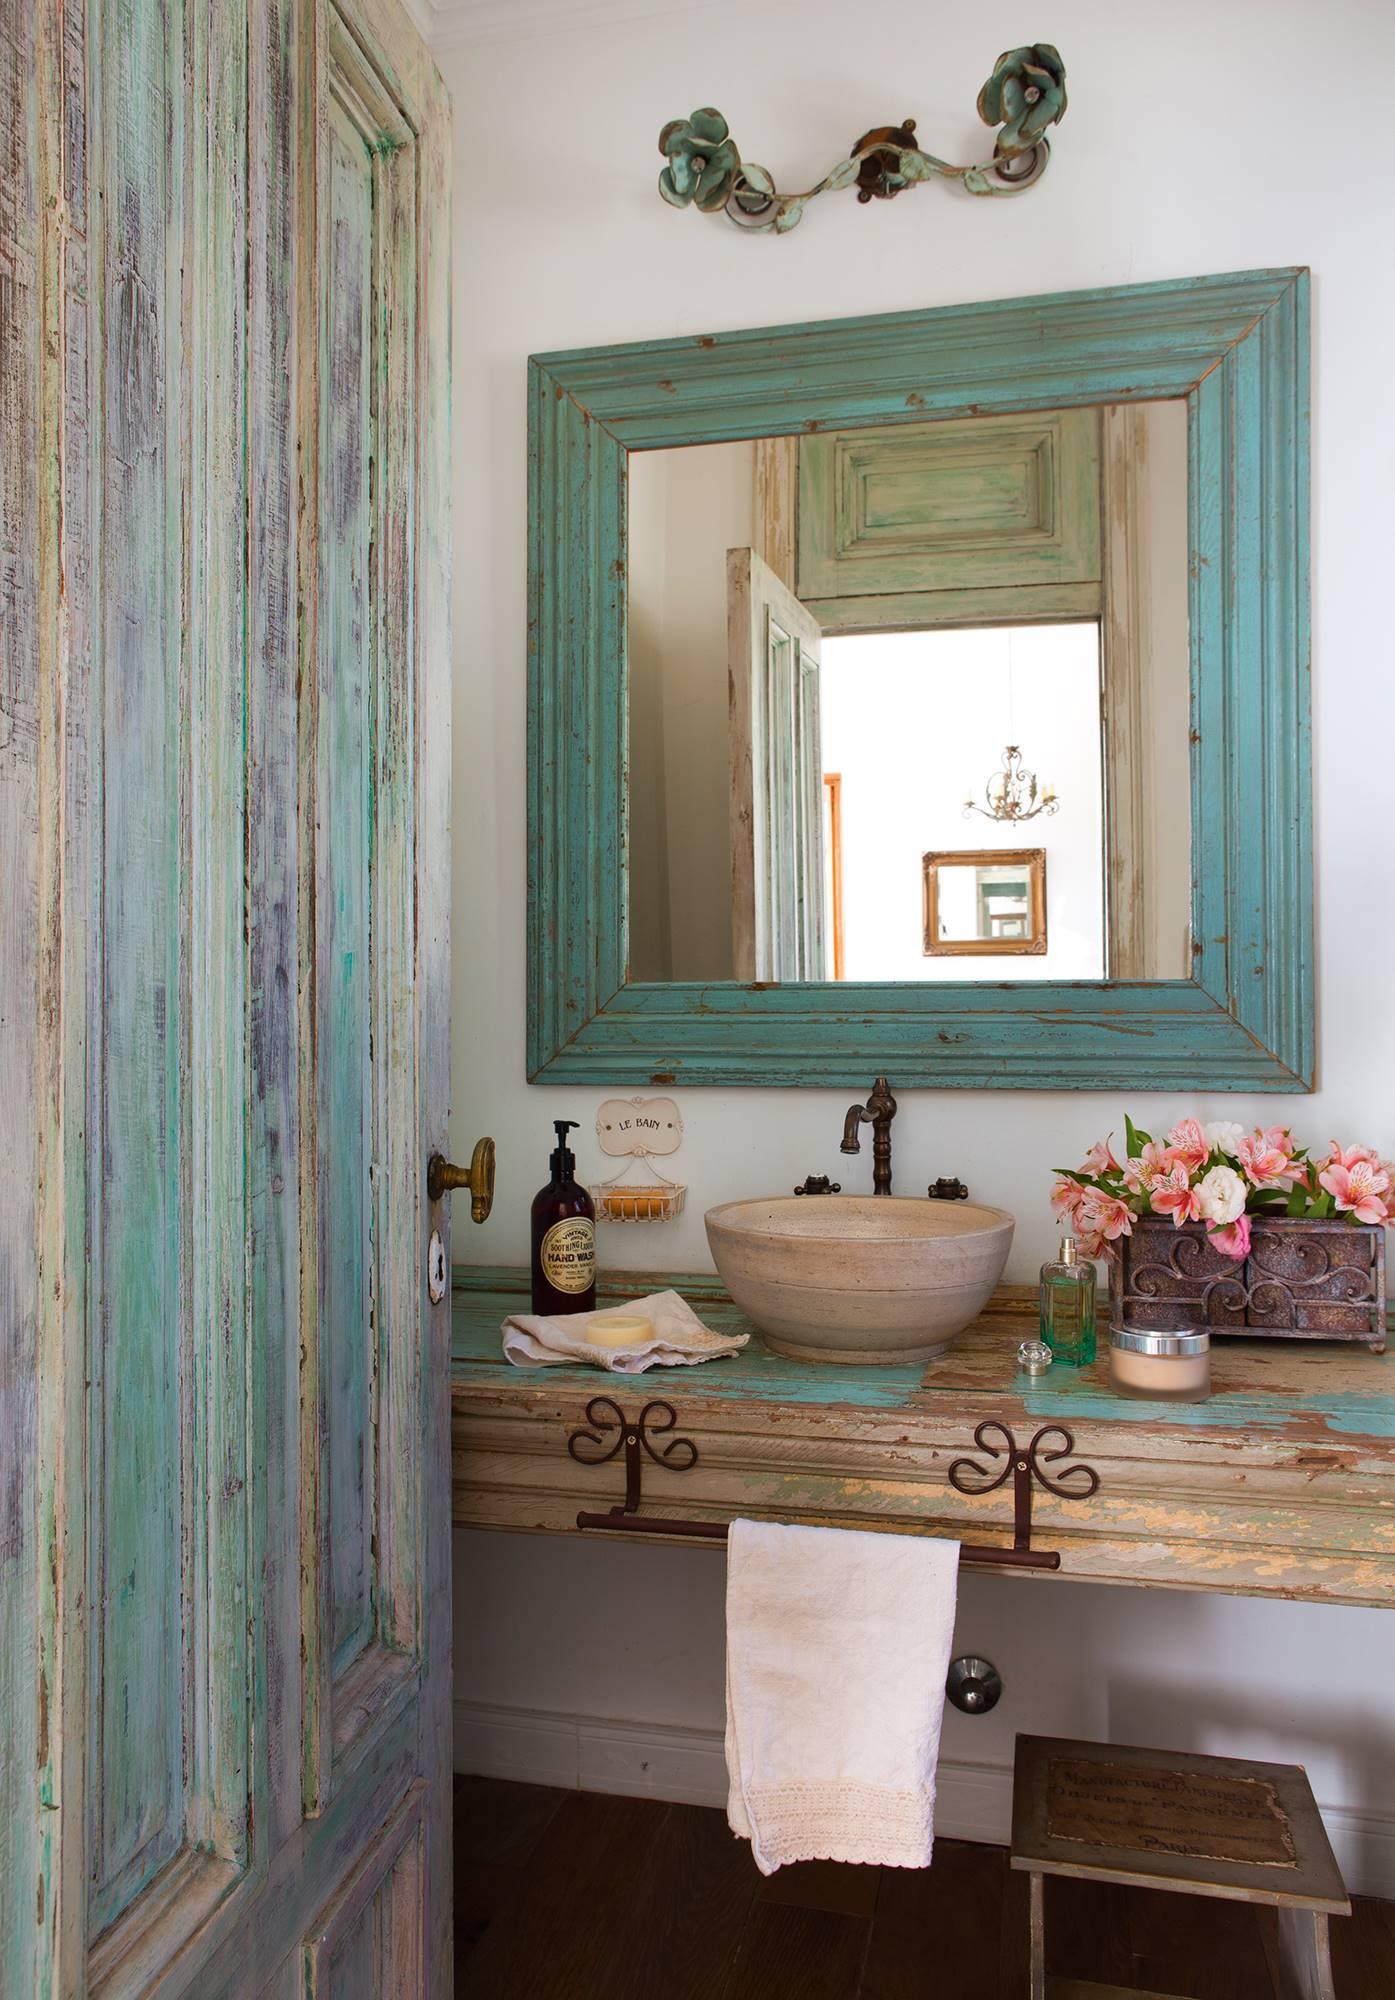 Los mejores 50 ba os r sticos de el mueble for Disenos de marcos de madera para espejos